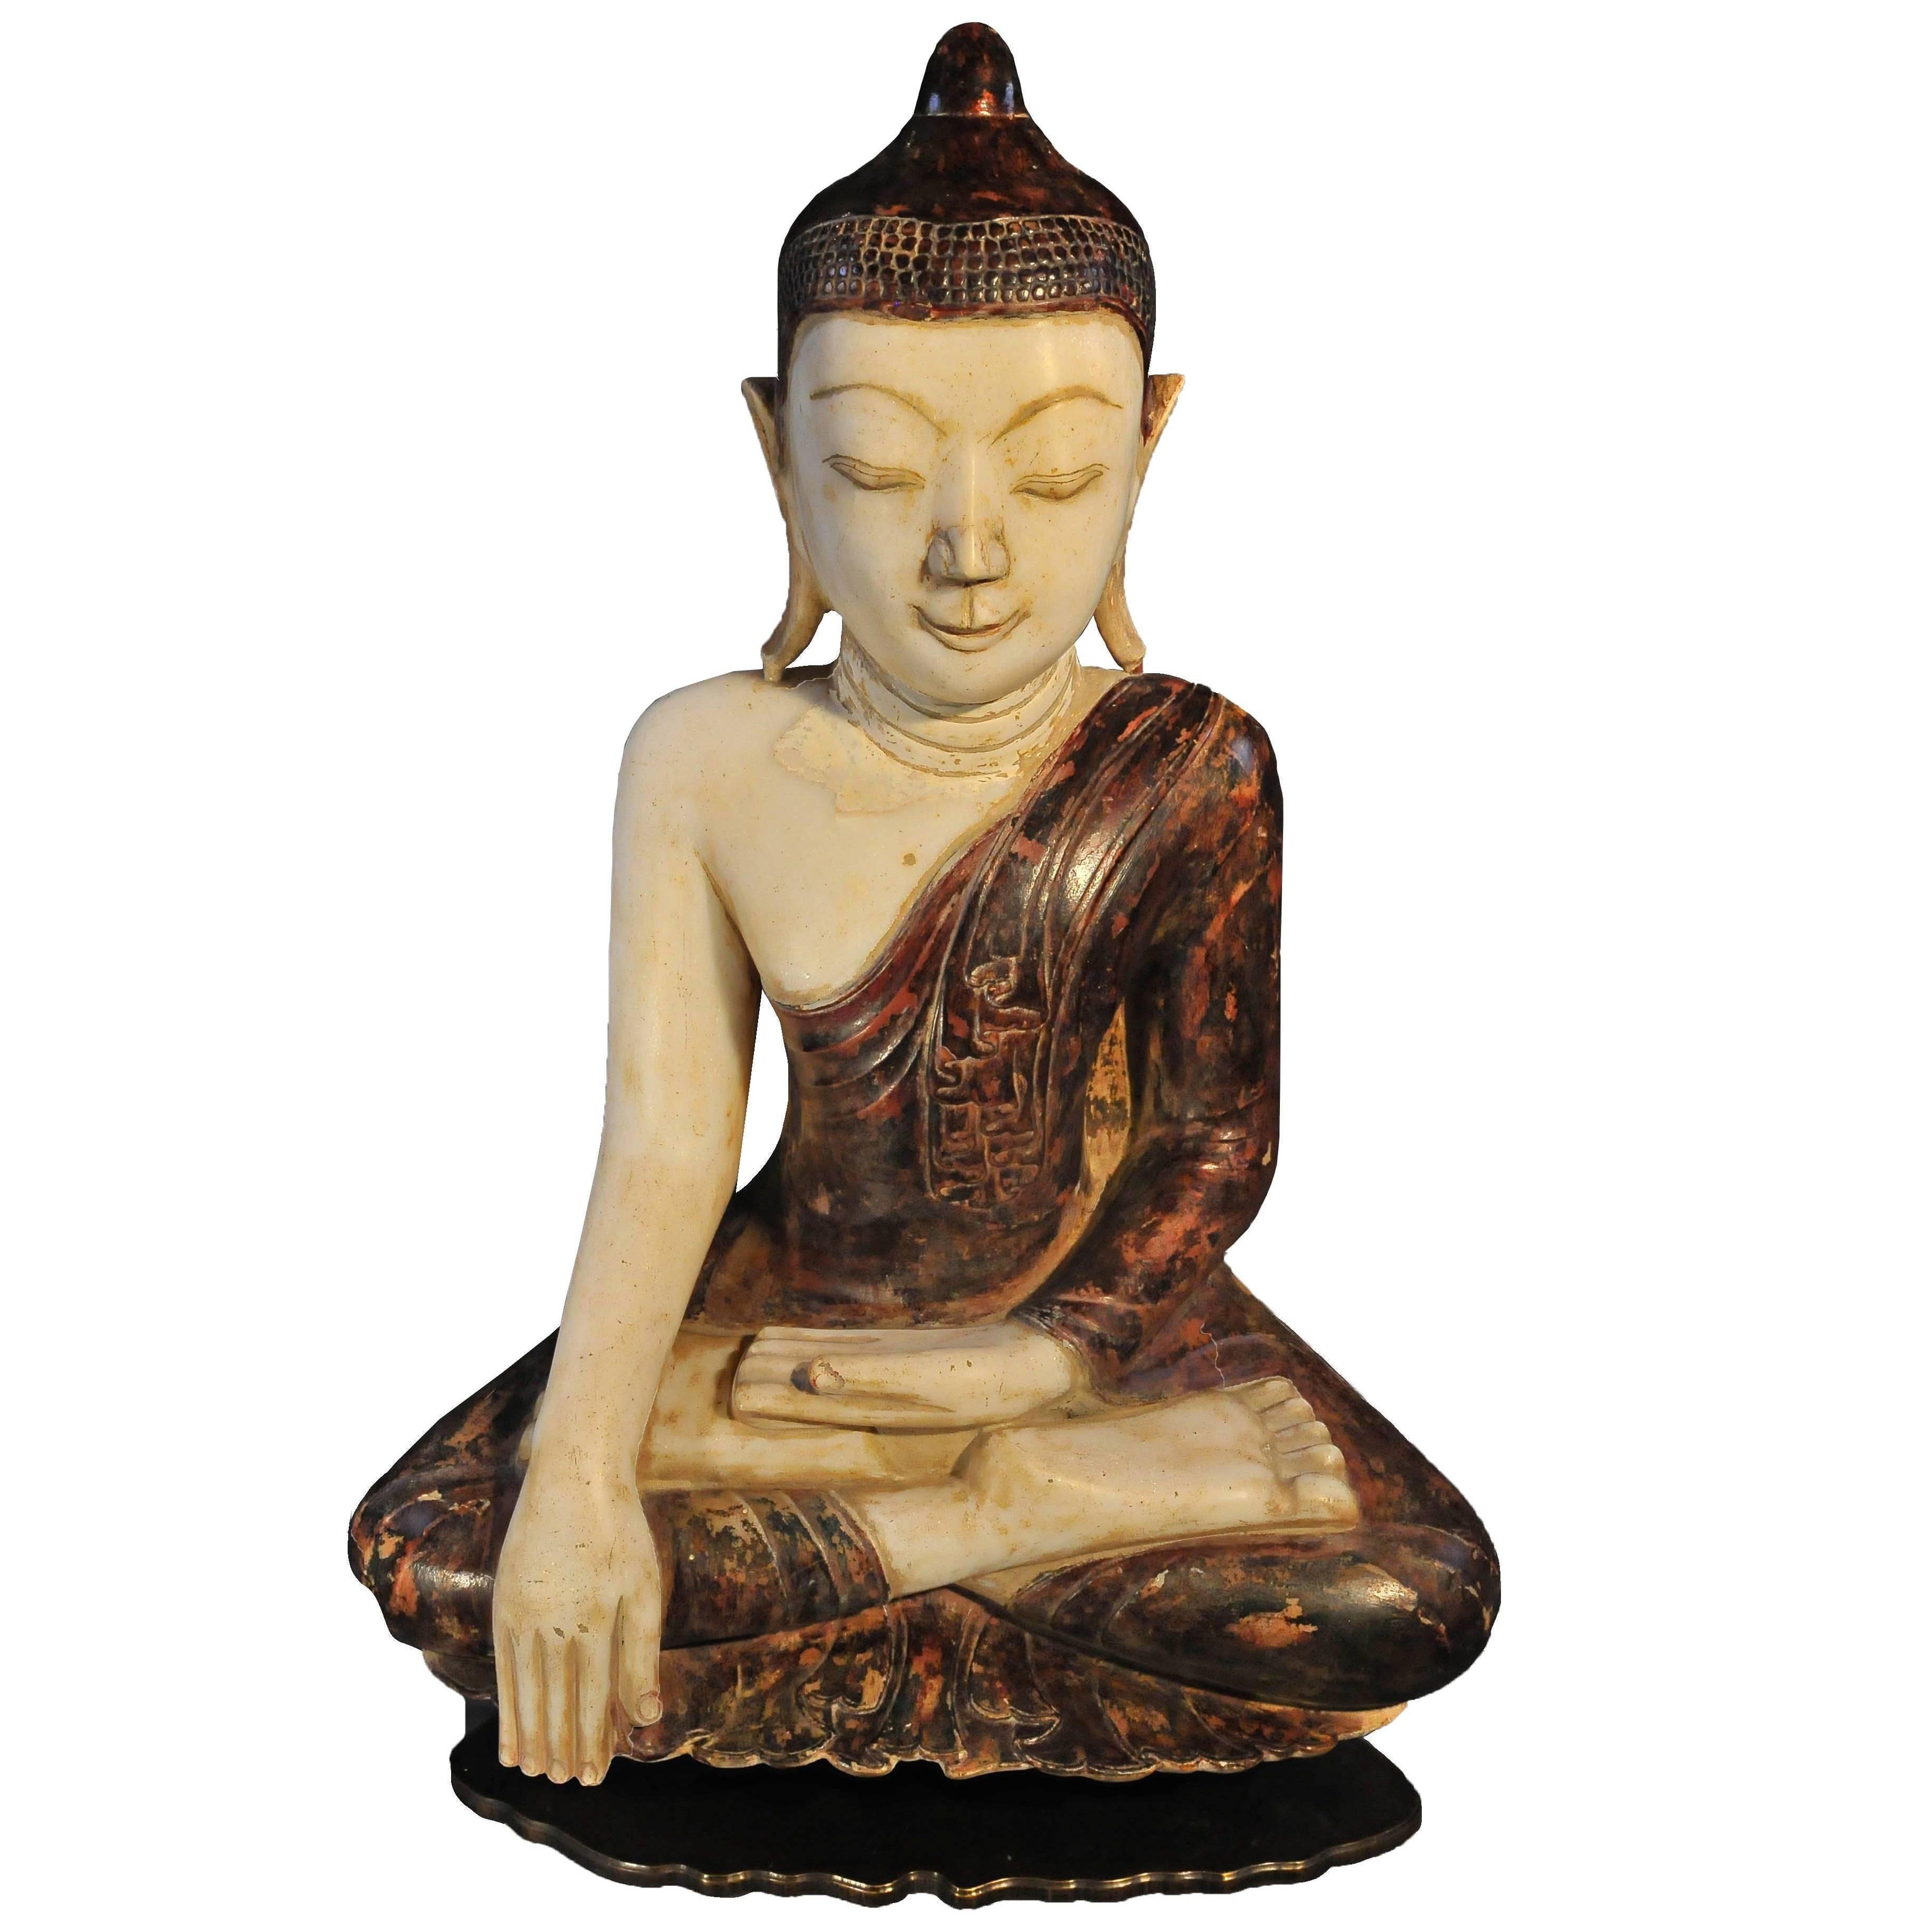 18th Century, Marble Virasana Buddhain Bhumisparsa Mudra, Mandalay, Burma